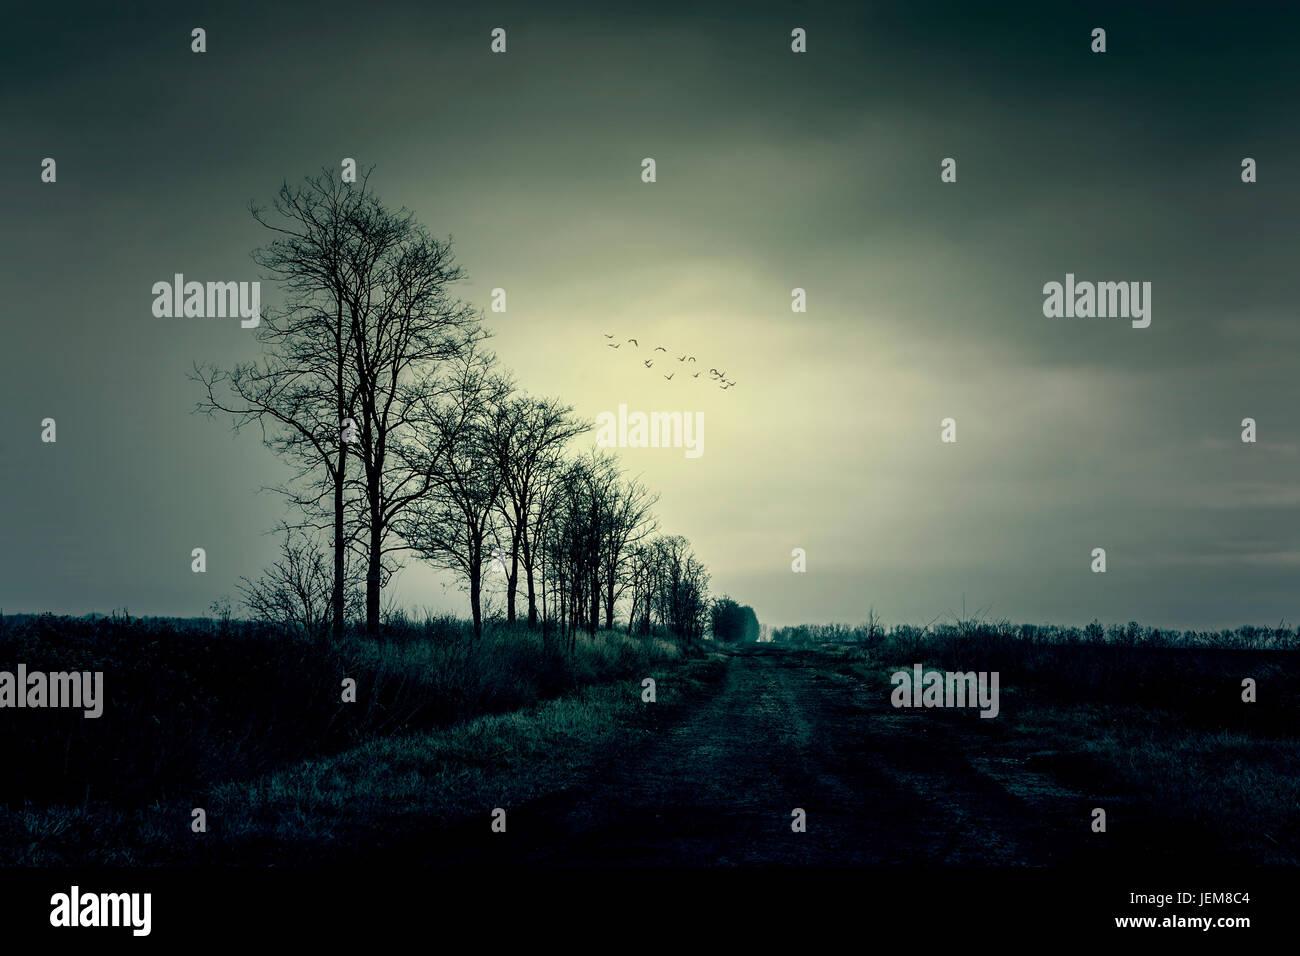 Foto atmosferica secca di alberi Immagini Stock